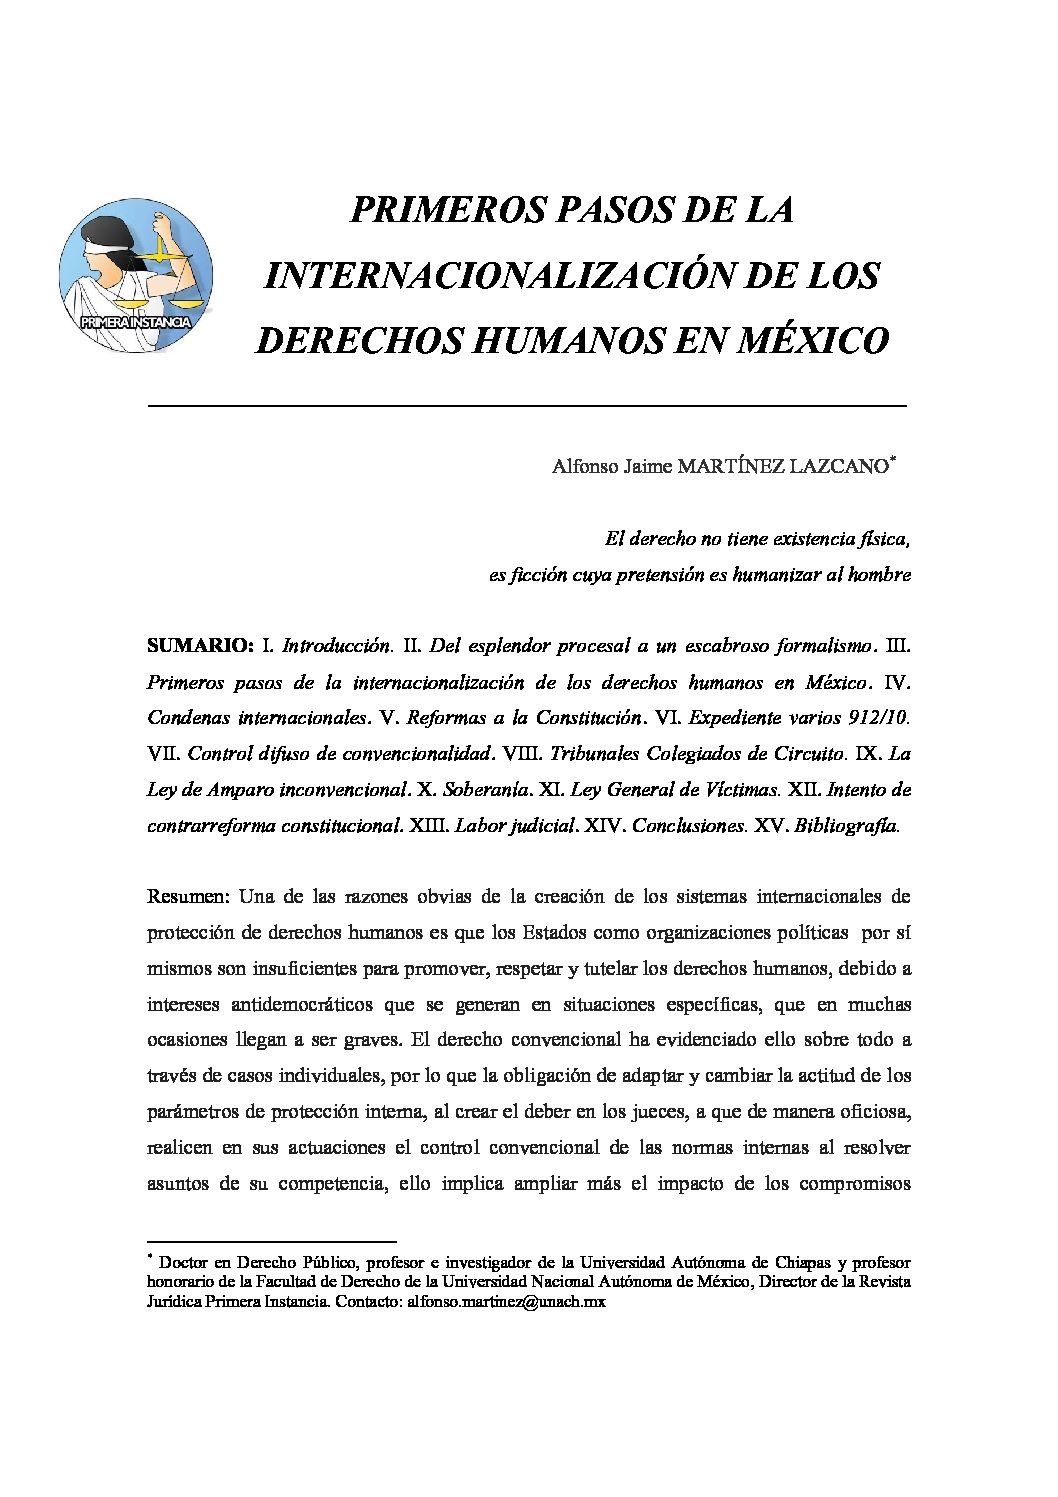 PRIMEROS PASOS DE LA INTERNALIZACIÓN DE LOS DERECHOS HUMANOS EN MÉXICO. Alfonso Jaime Martínez Lazcano